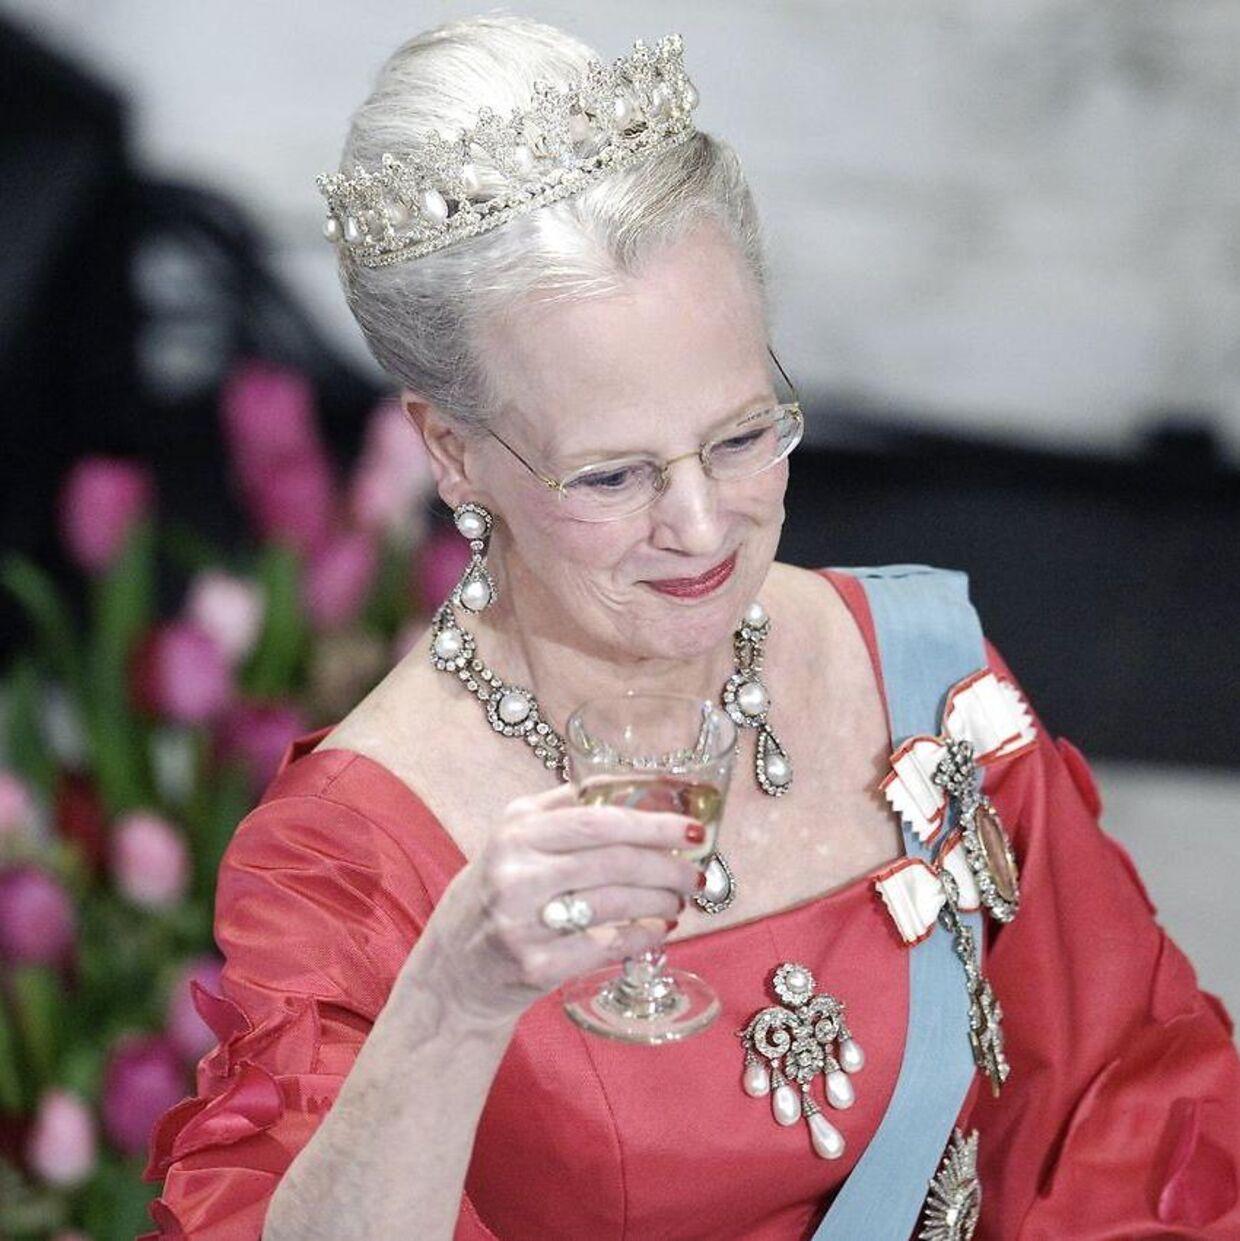 Dronning Margrethe på Christiansborg i anledning af sin 70-års fødselsdag i 2010.